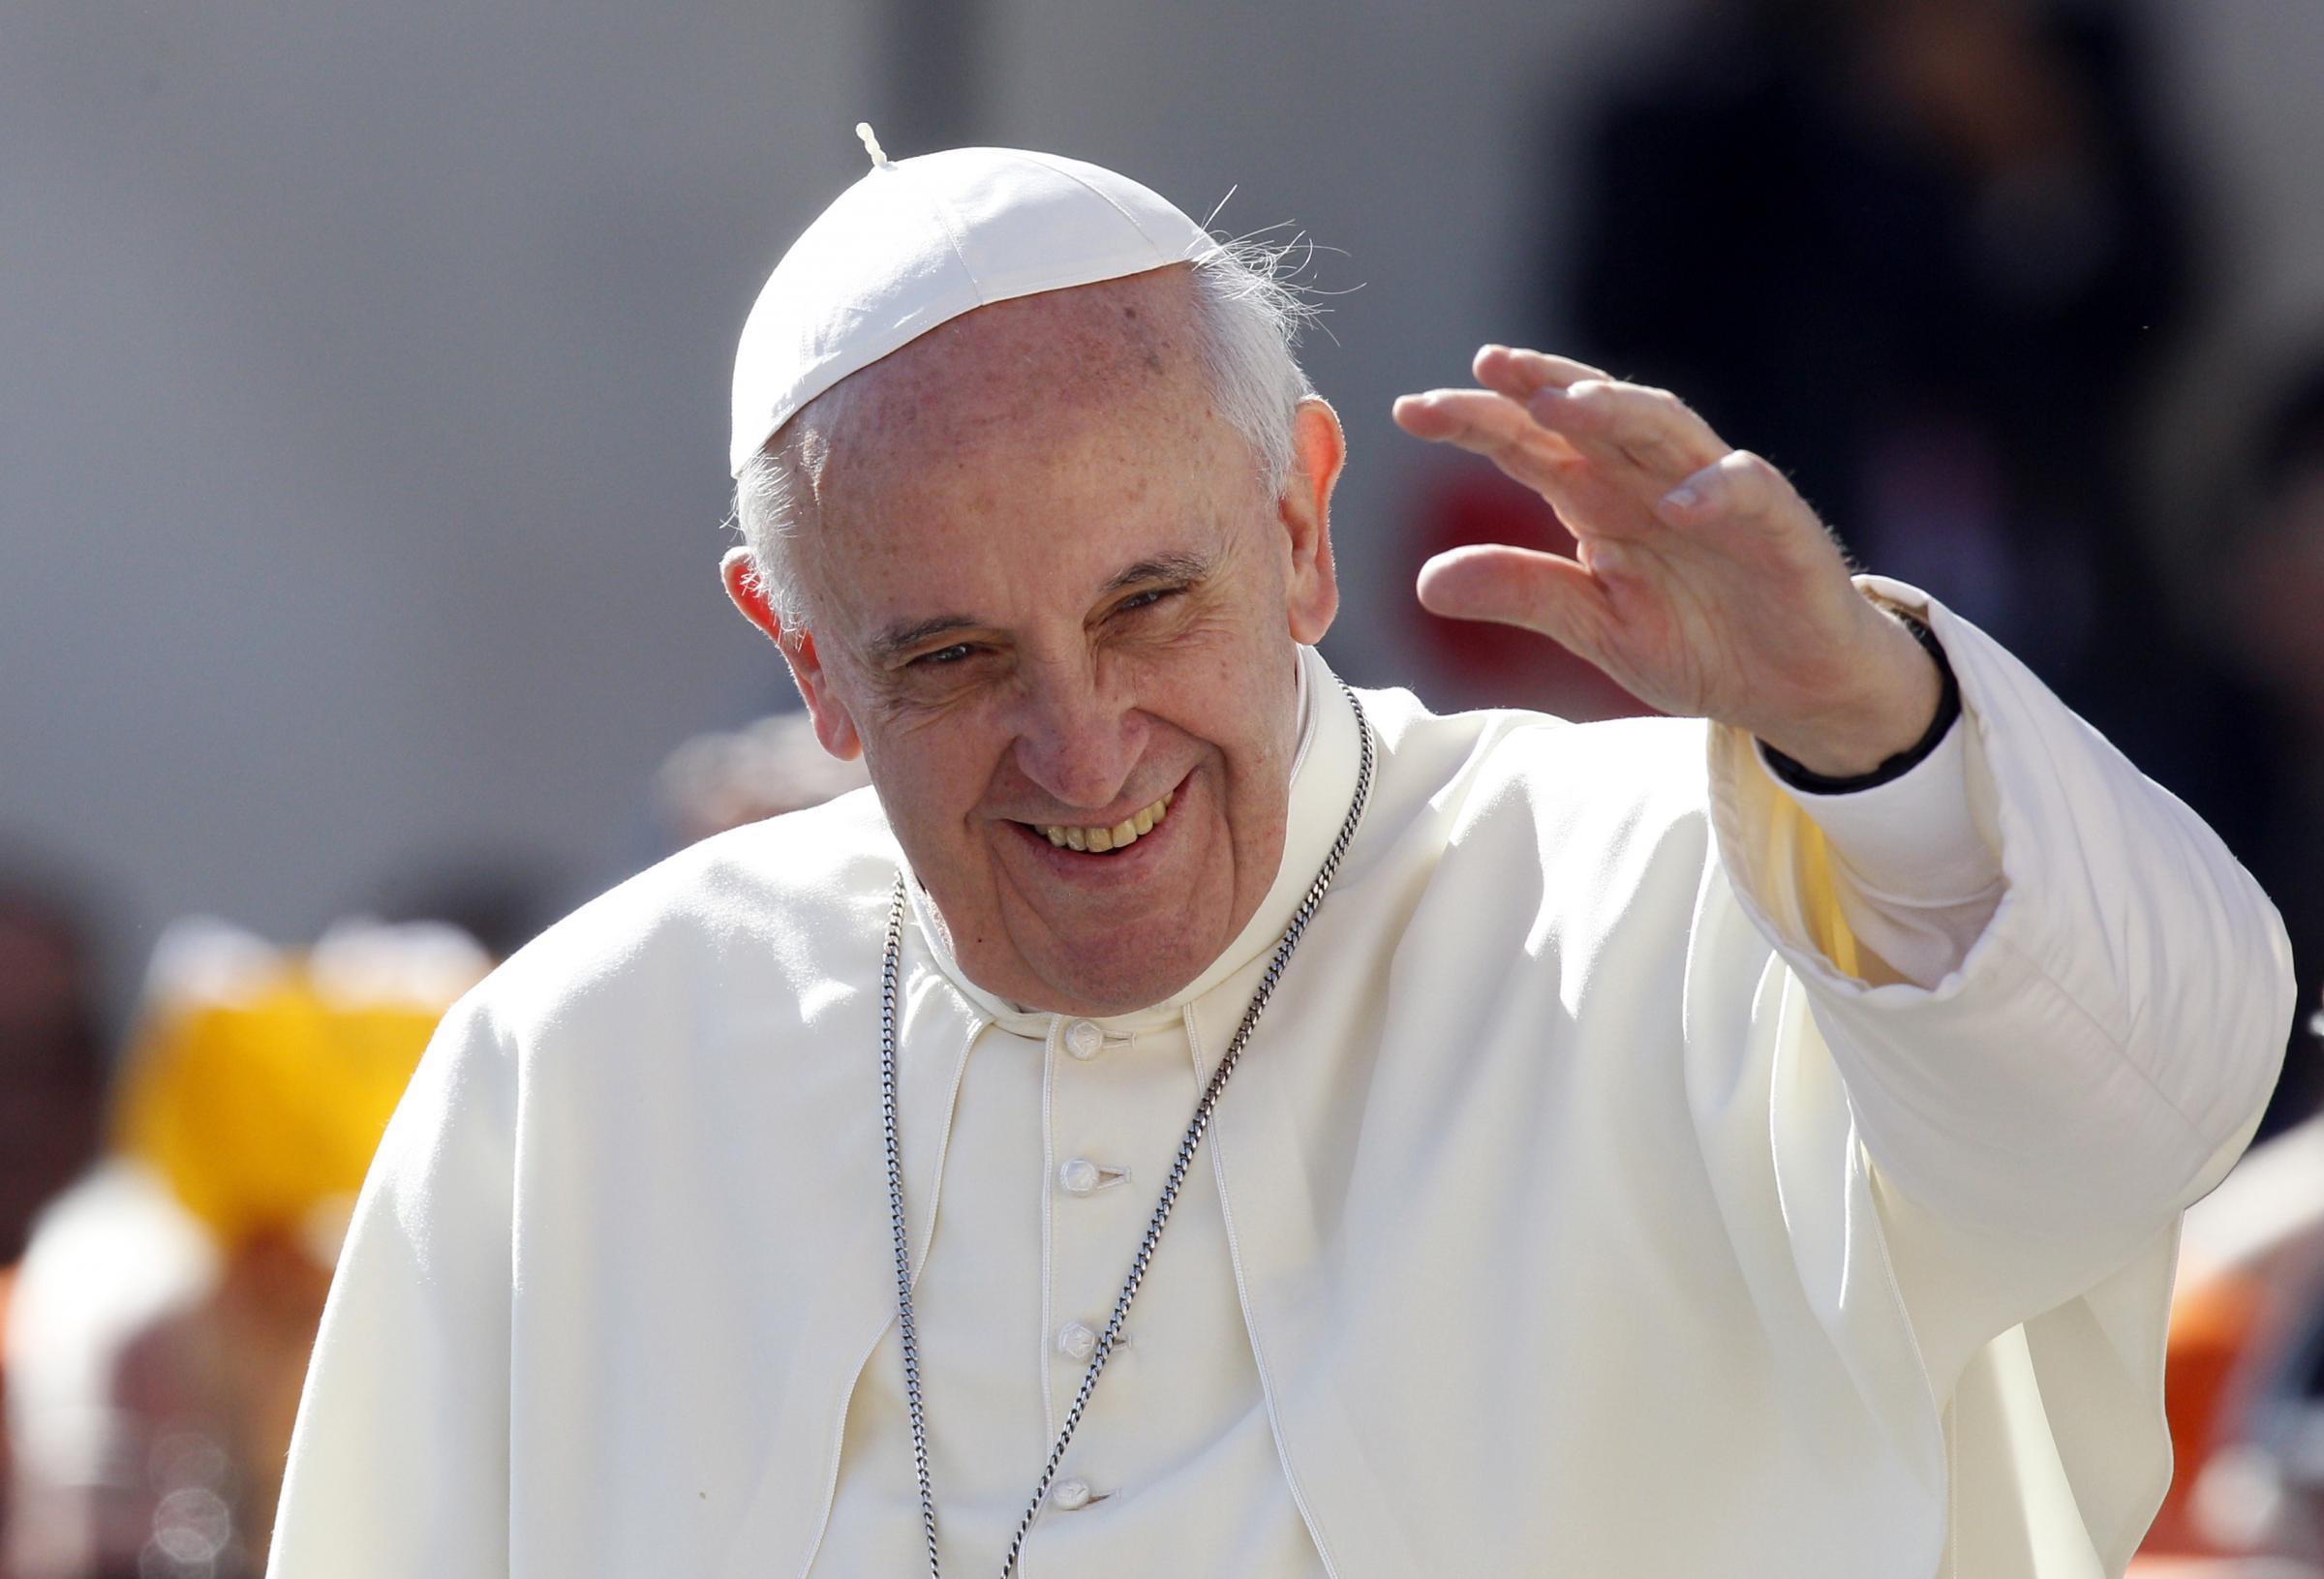 In occasione della finale, possibile visita a Papa Francesco